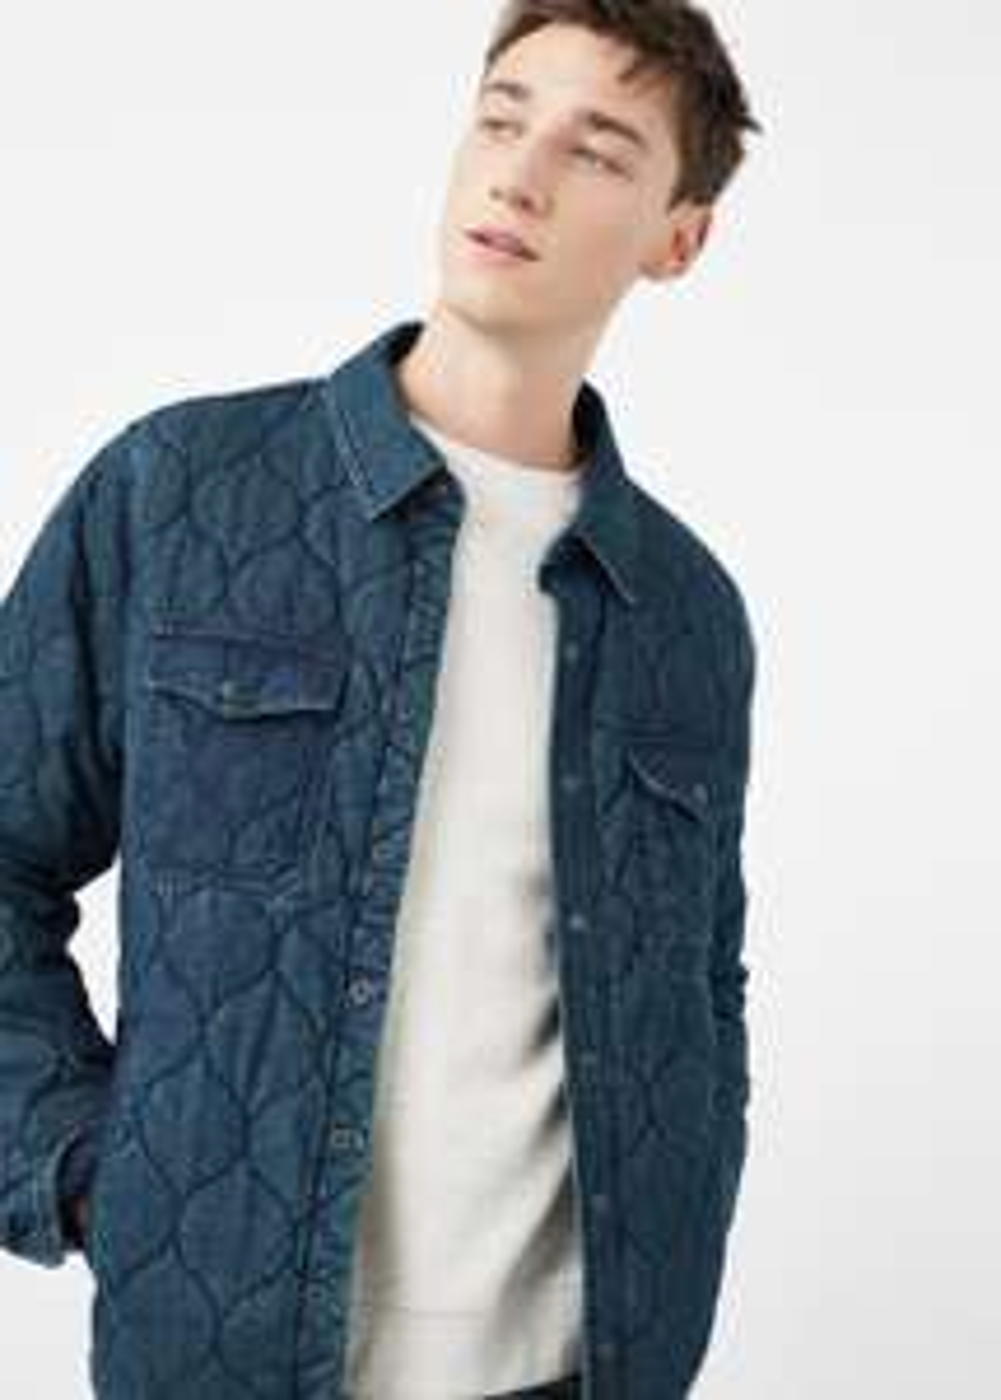 Sélection de vêtements en promo - Ex : Blouson matelassé denim Bauer Blacksmith (du S au XL)